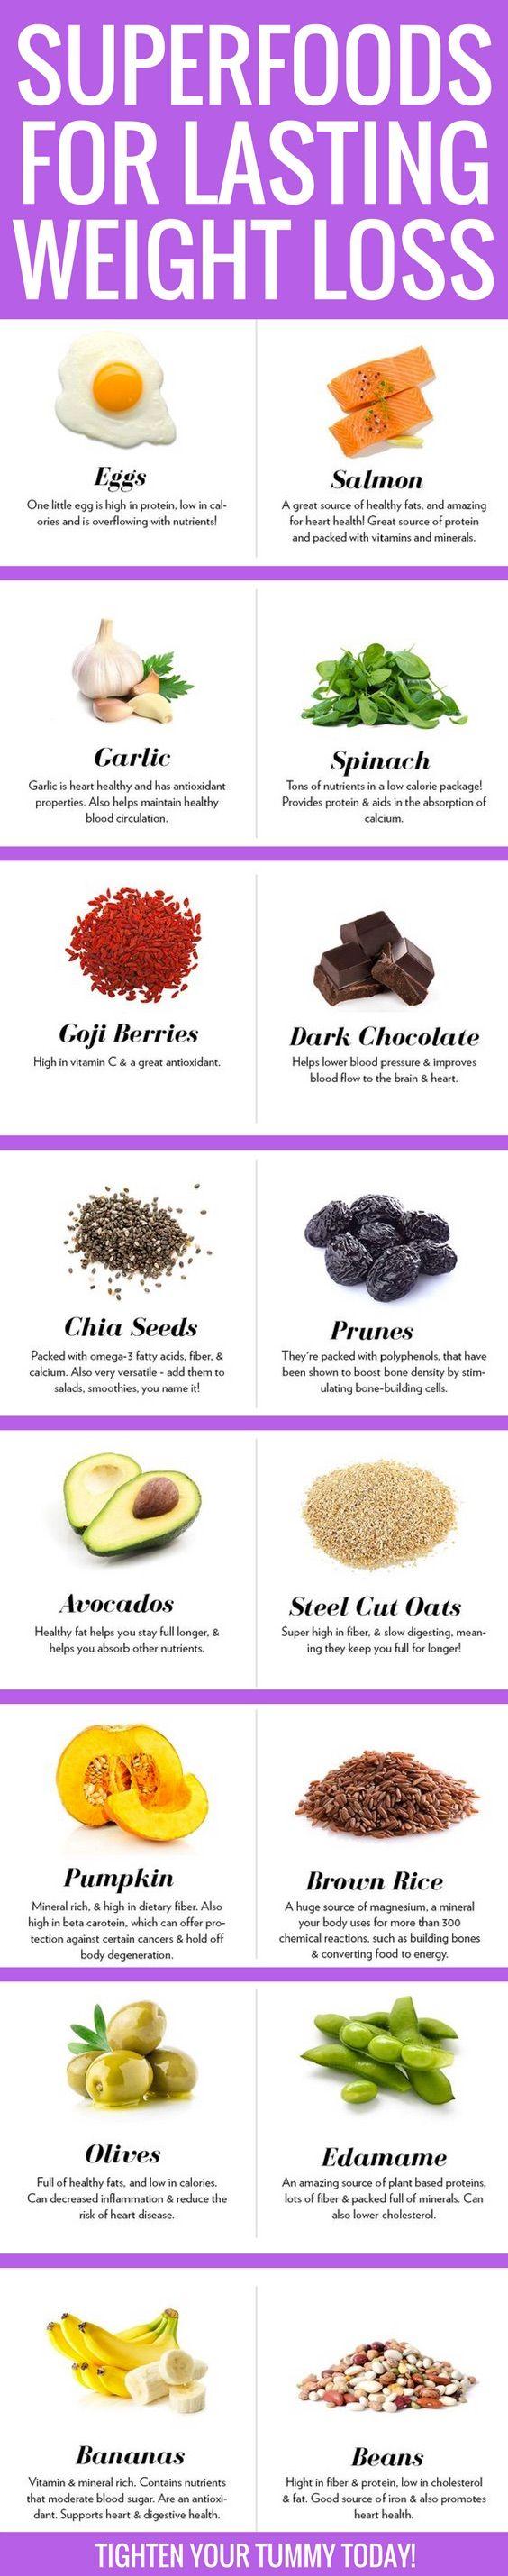 Green barley powder for weight loss